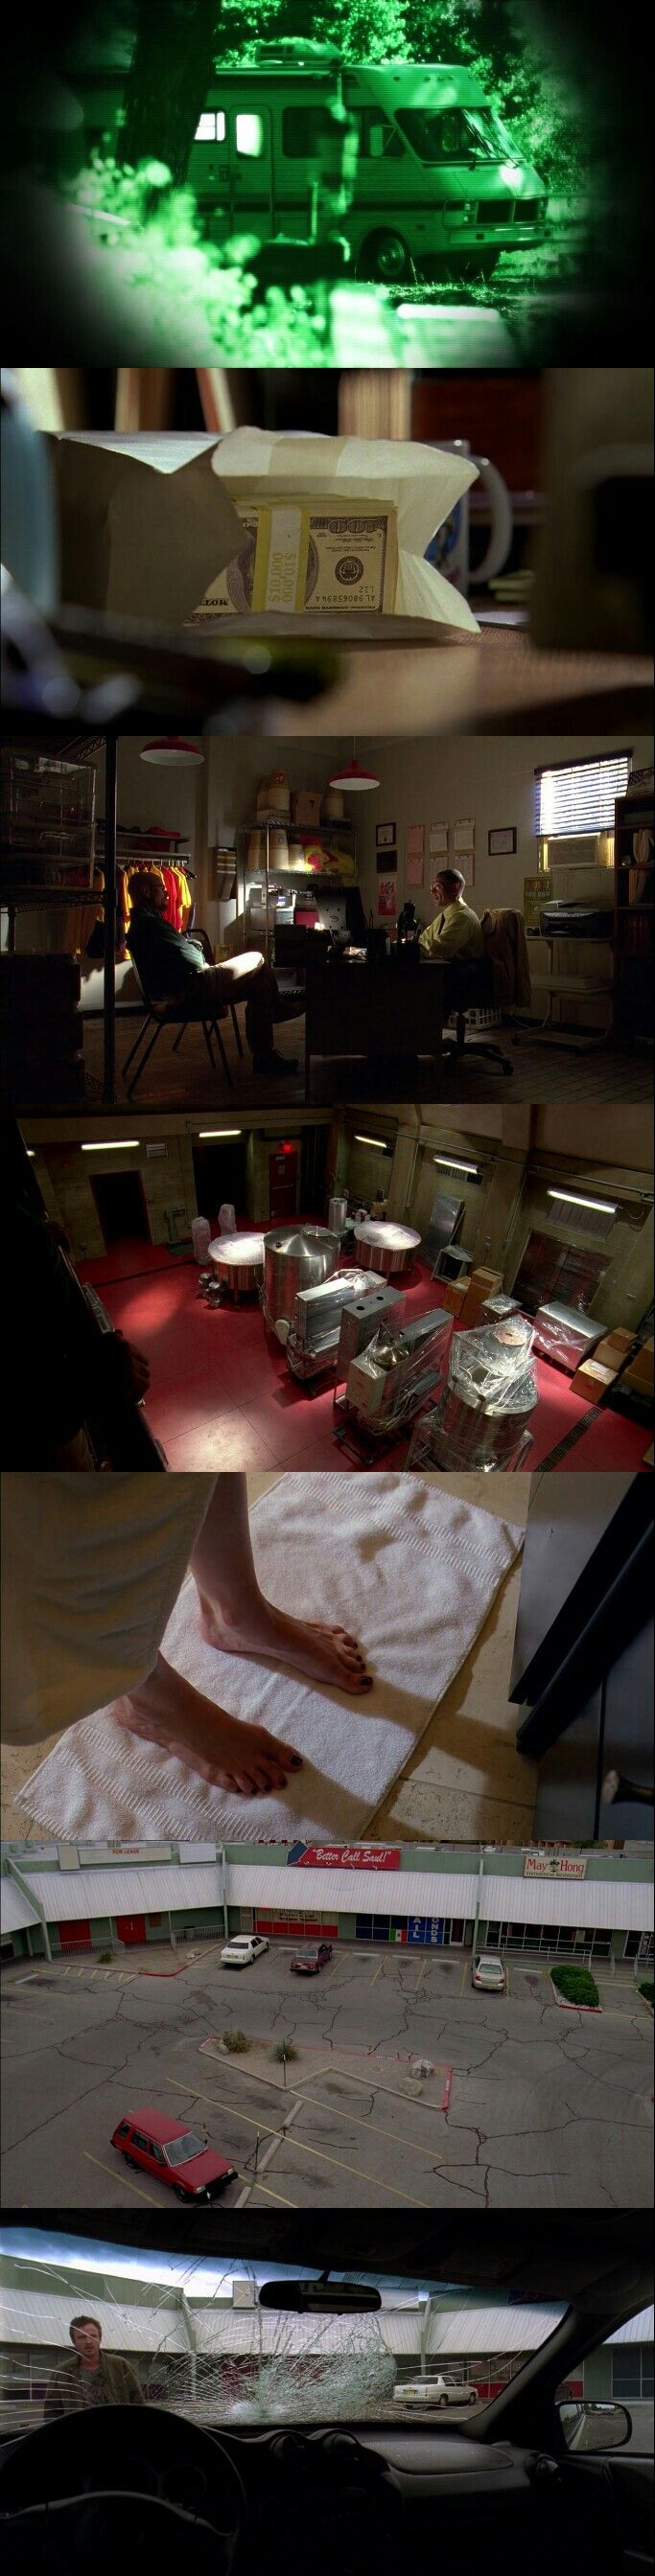 Breaking Bad( 2008 - 2013 ) Season 3 Episode 5 : Más.